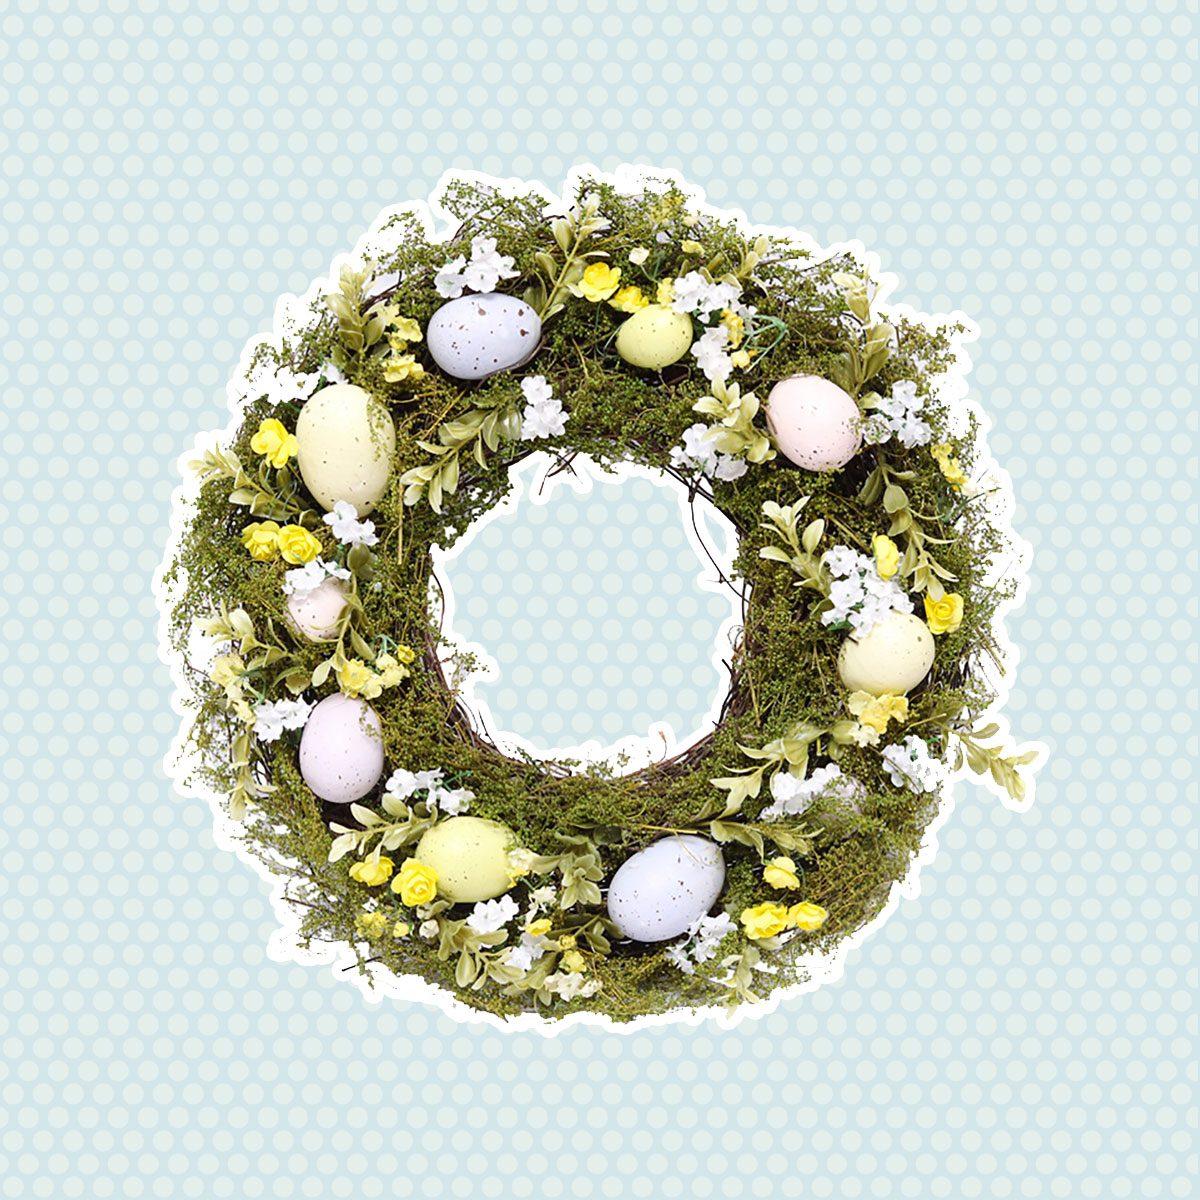 vintage easter decorations Vintage Easter Wreath